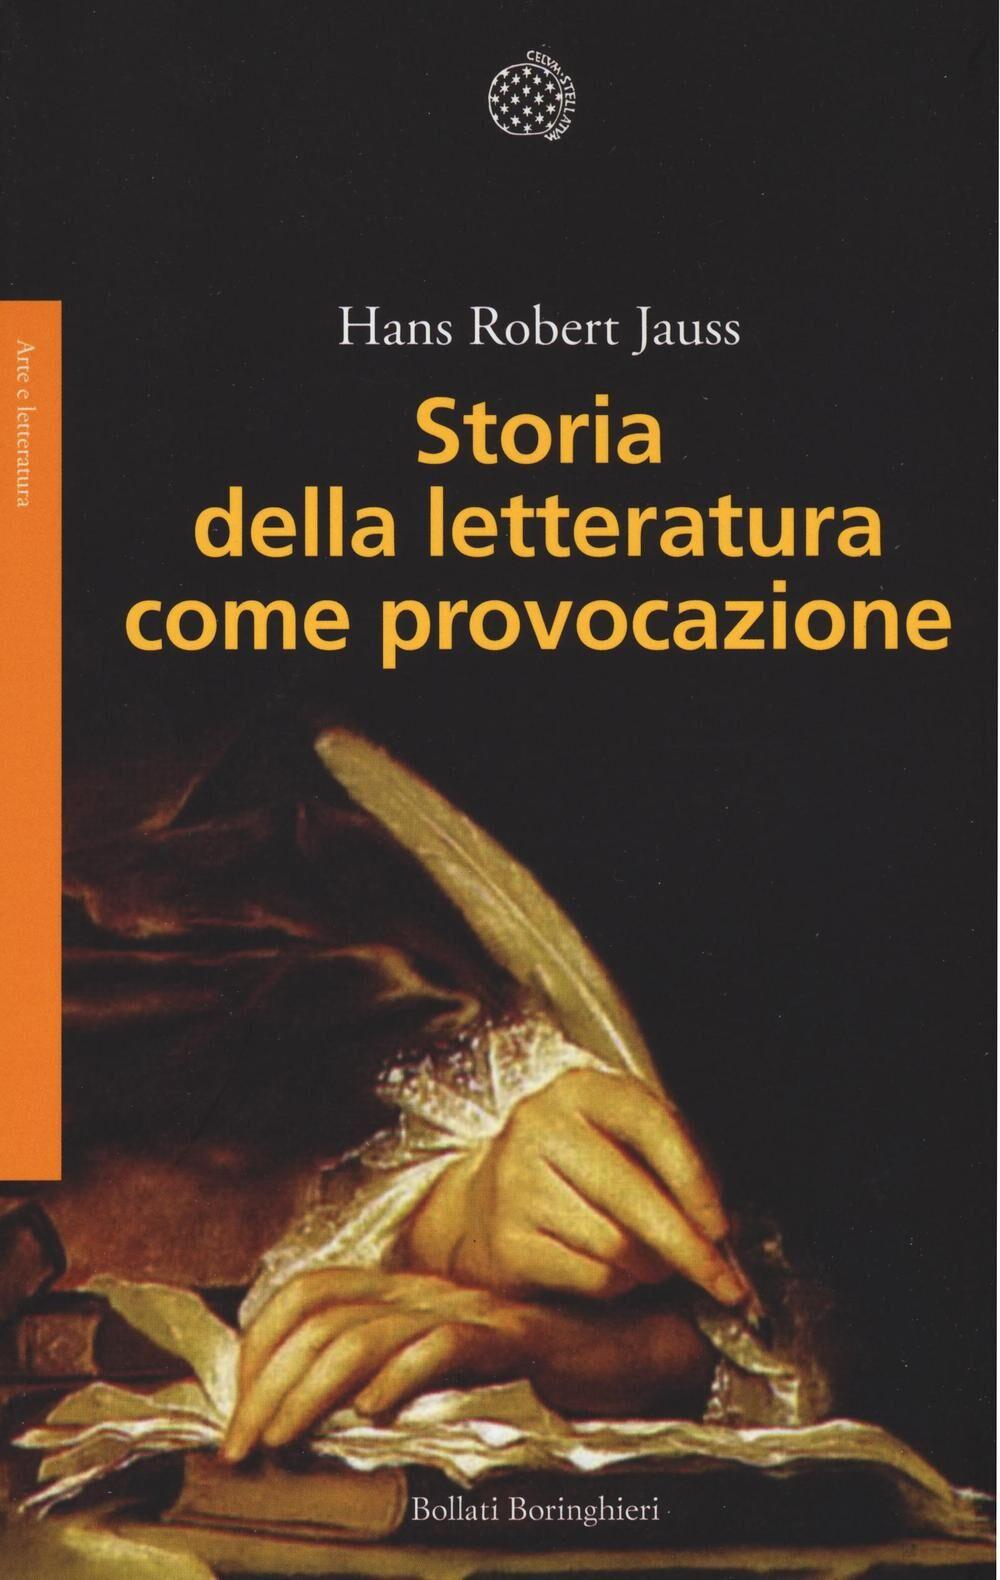 Storia della letteratura come provocazione